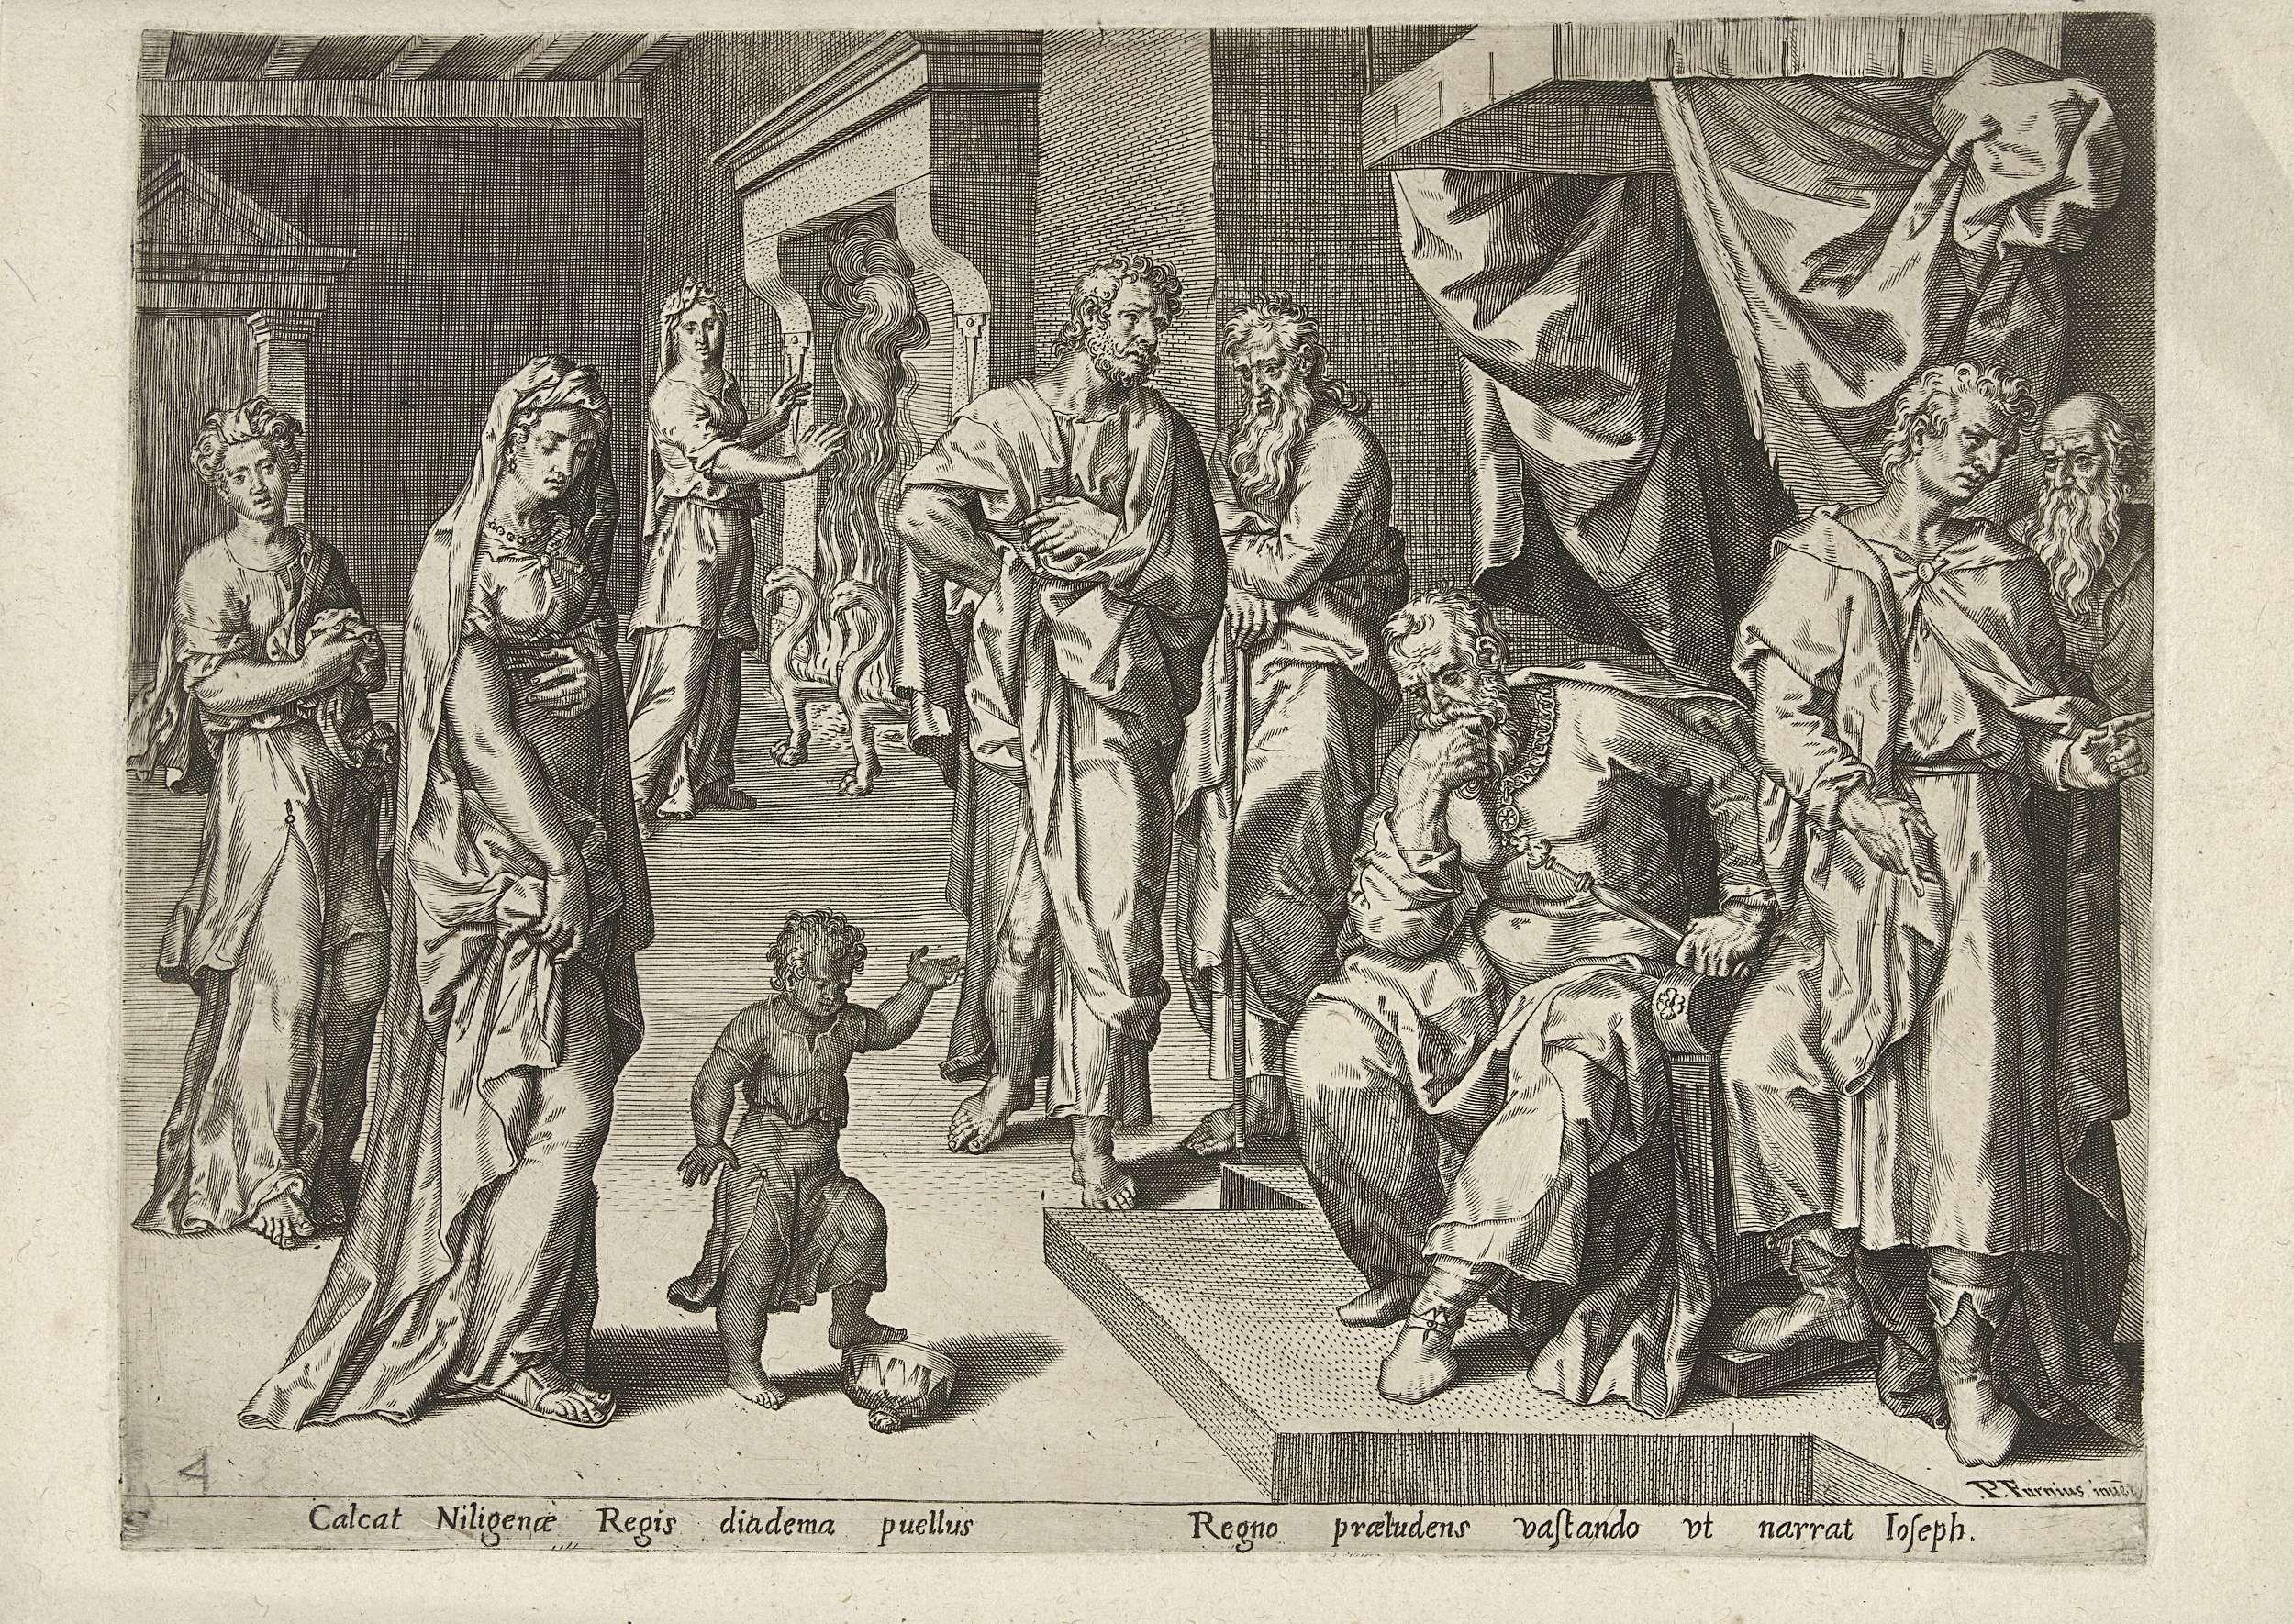 Pieter Jalhea Furnius   Mozes en de kroon van de farao, Pieter Jalhea Furnius, 1550 - 1625   Op een dag zet de farao voor de grap zijn kroon op het hoofd van Mozes. Ogenblikkelijk gooit Mozes de kroon op de grond en trapt erop. Rechts bekijkt de tronende farao, geflankeerd door dienaren, het tafereel bedachtzaam. Achter Mozes staat de dochter van de farao die Mozes eveneens gadeslaat. Onder de voorstelling staat een regel tekst in het Latijn.